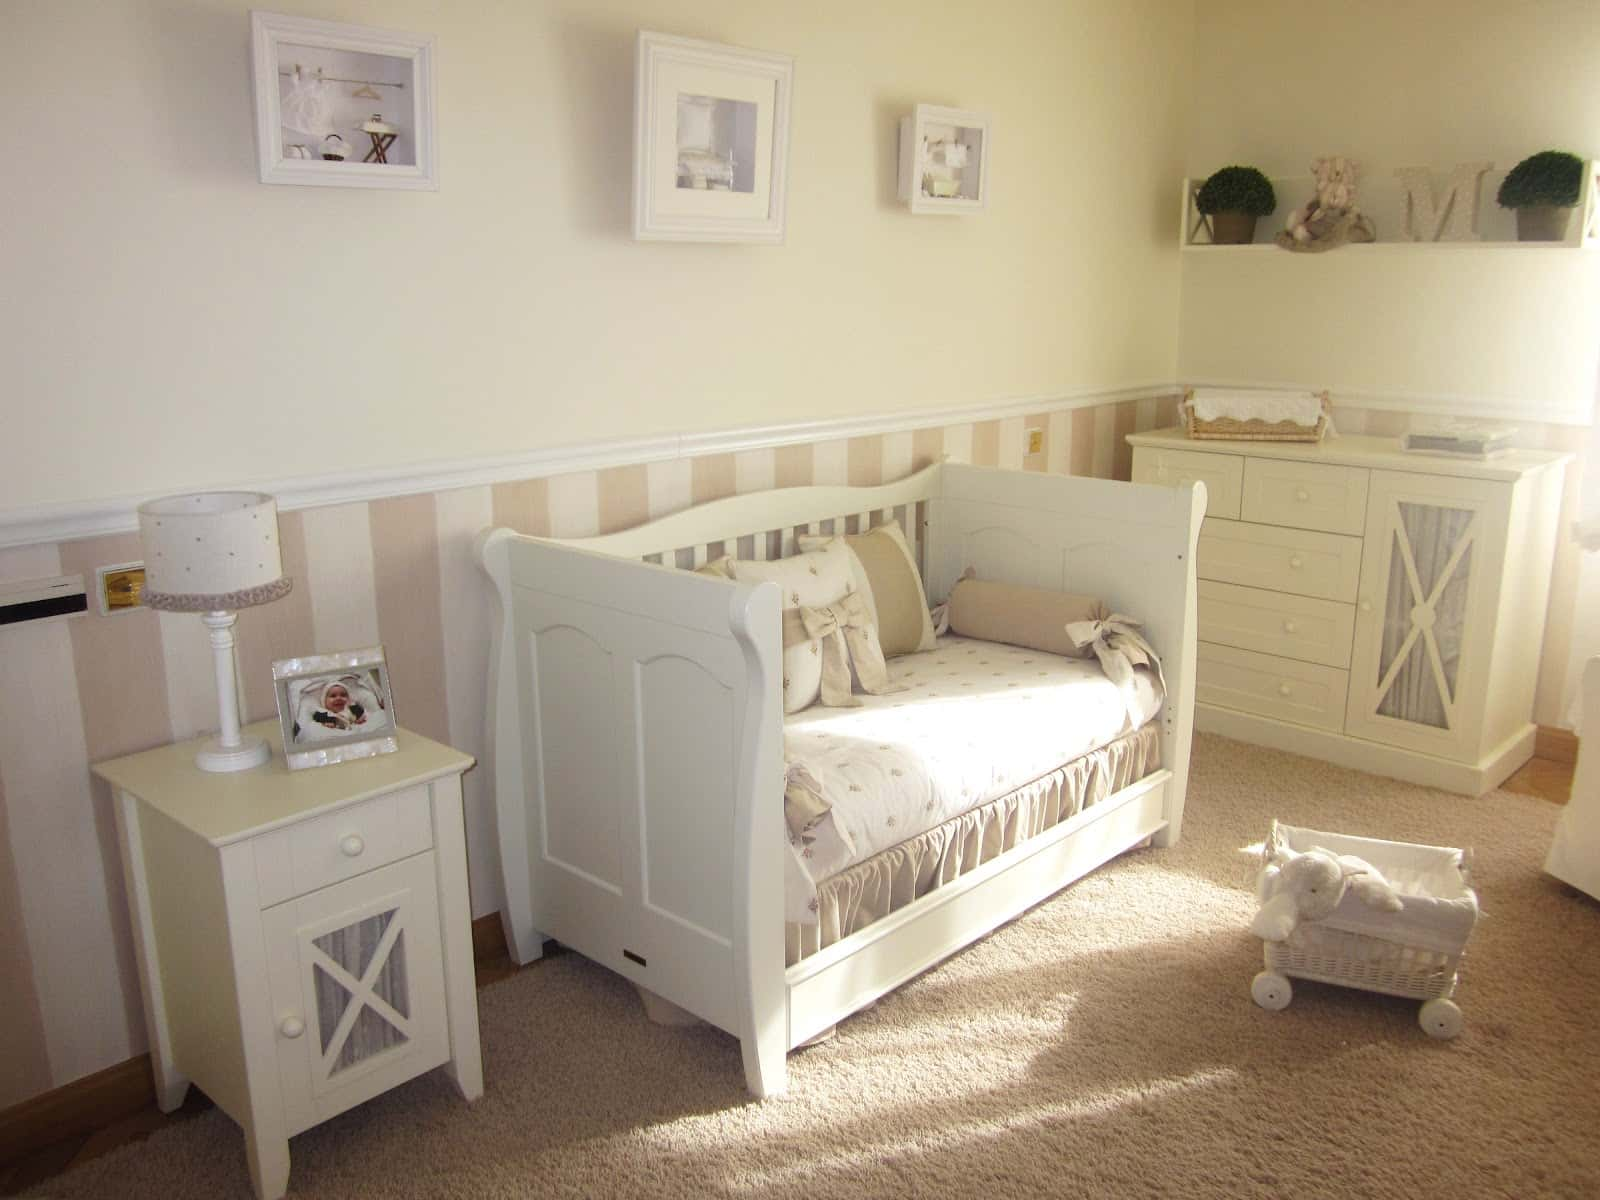 Dormitorios infantiles creativainteriorismoyreformas - Dormitorios infantiles ...